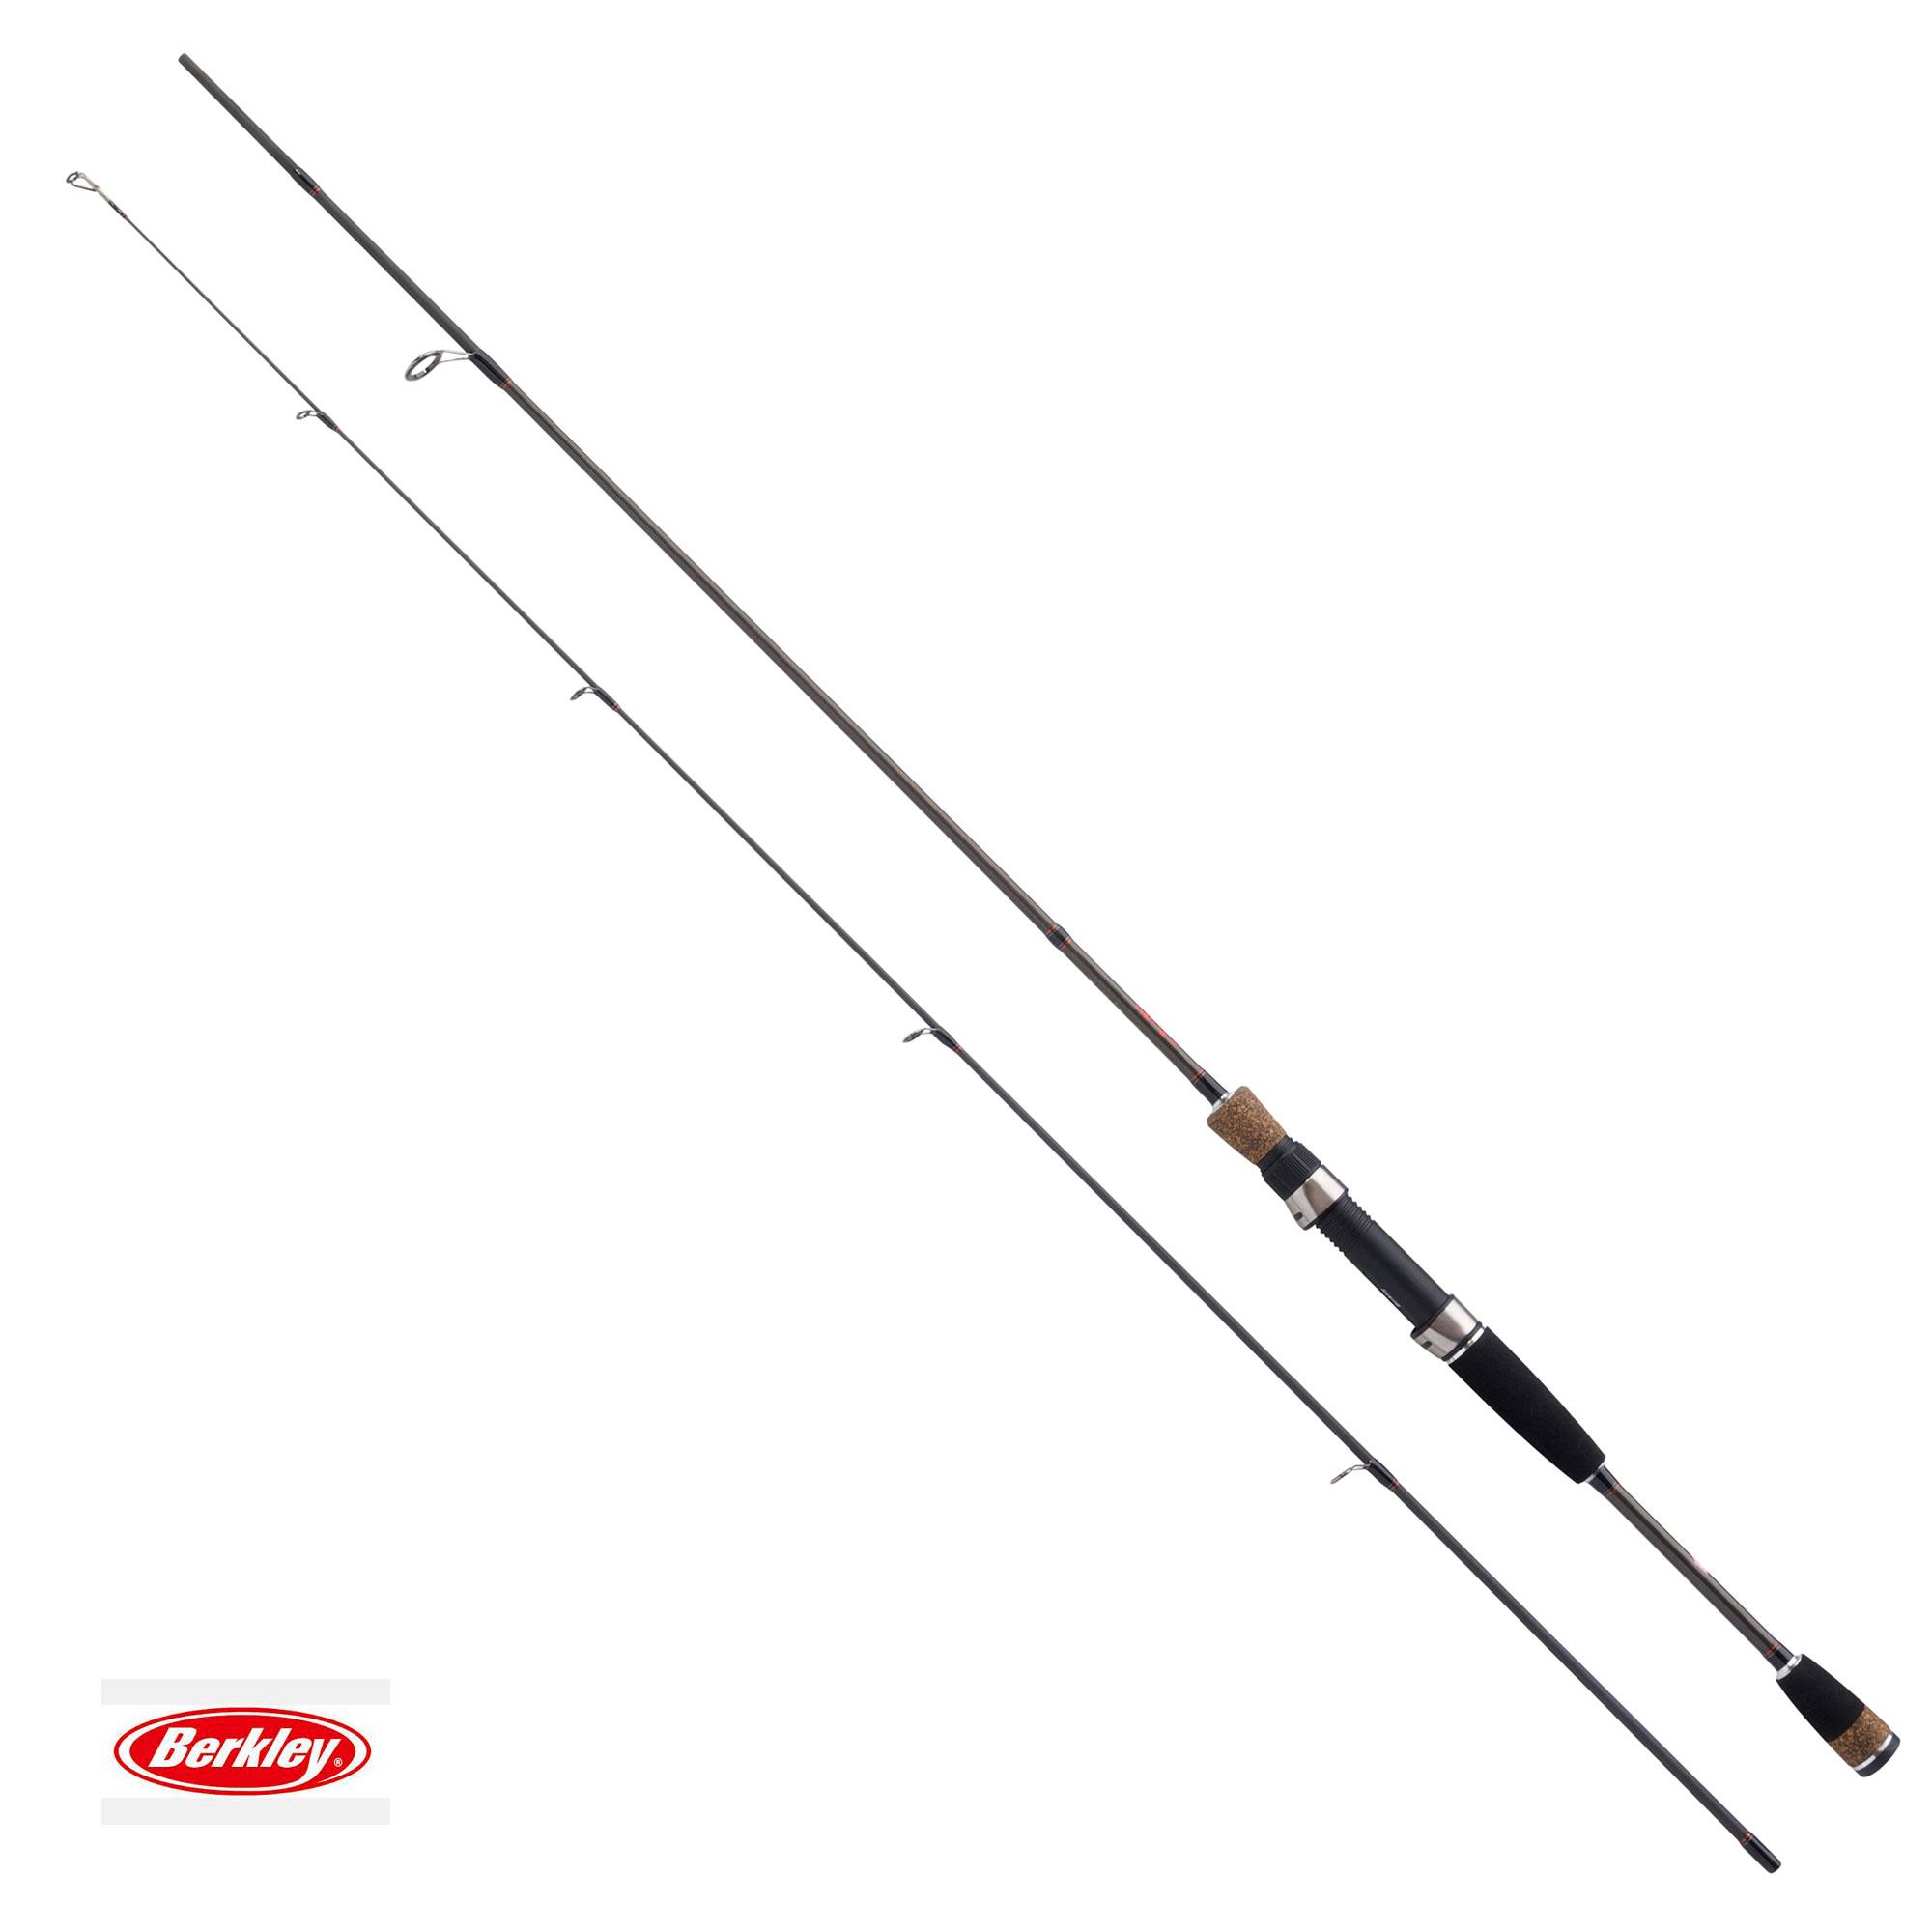 New berkley fireflex spinning rod 7ft 8ft 2pc all for Berkley fishing rods